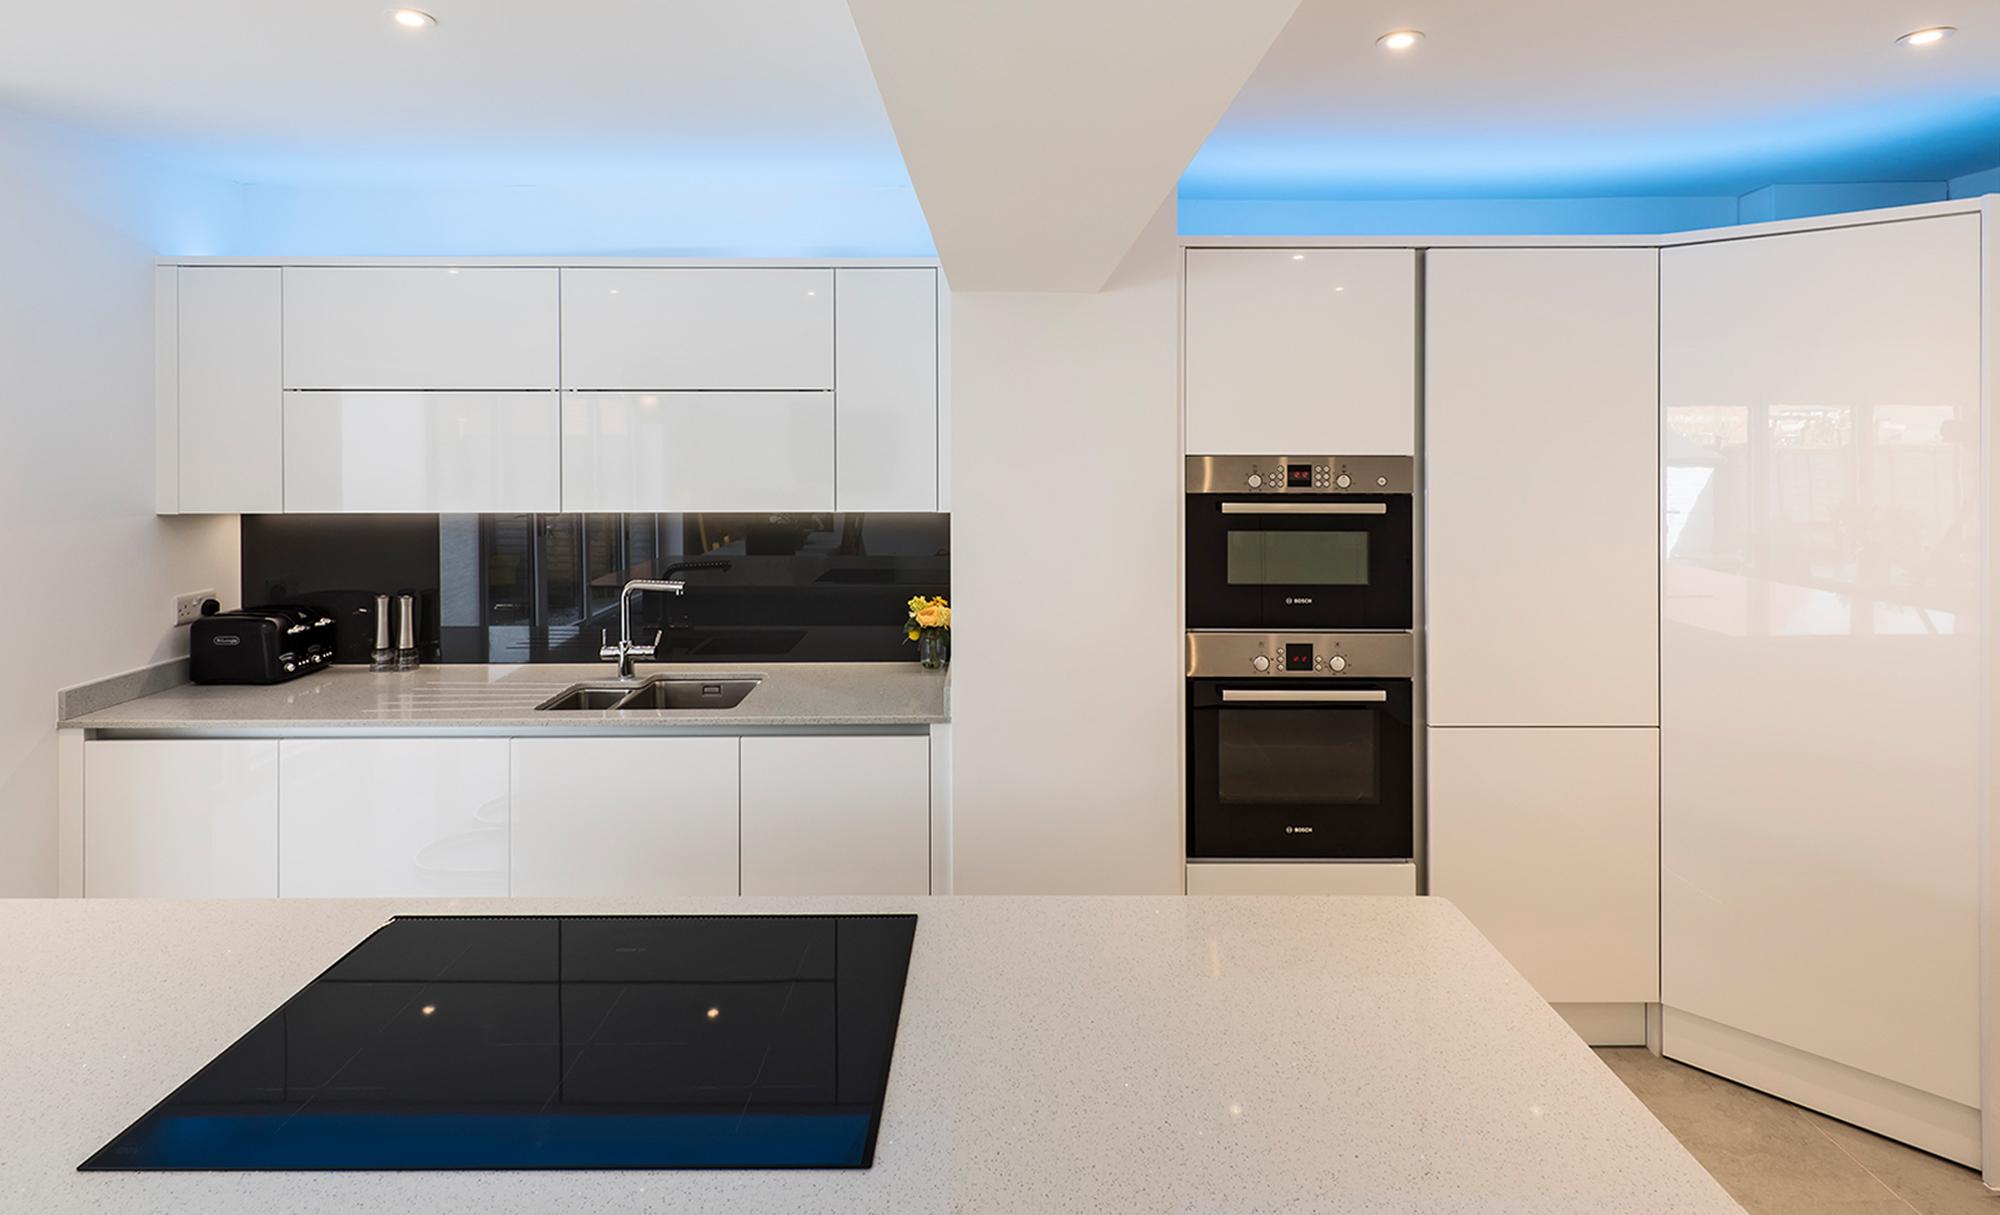 Portishead Zola Gloss White Kitchen Hob